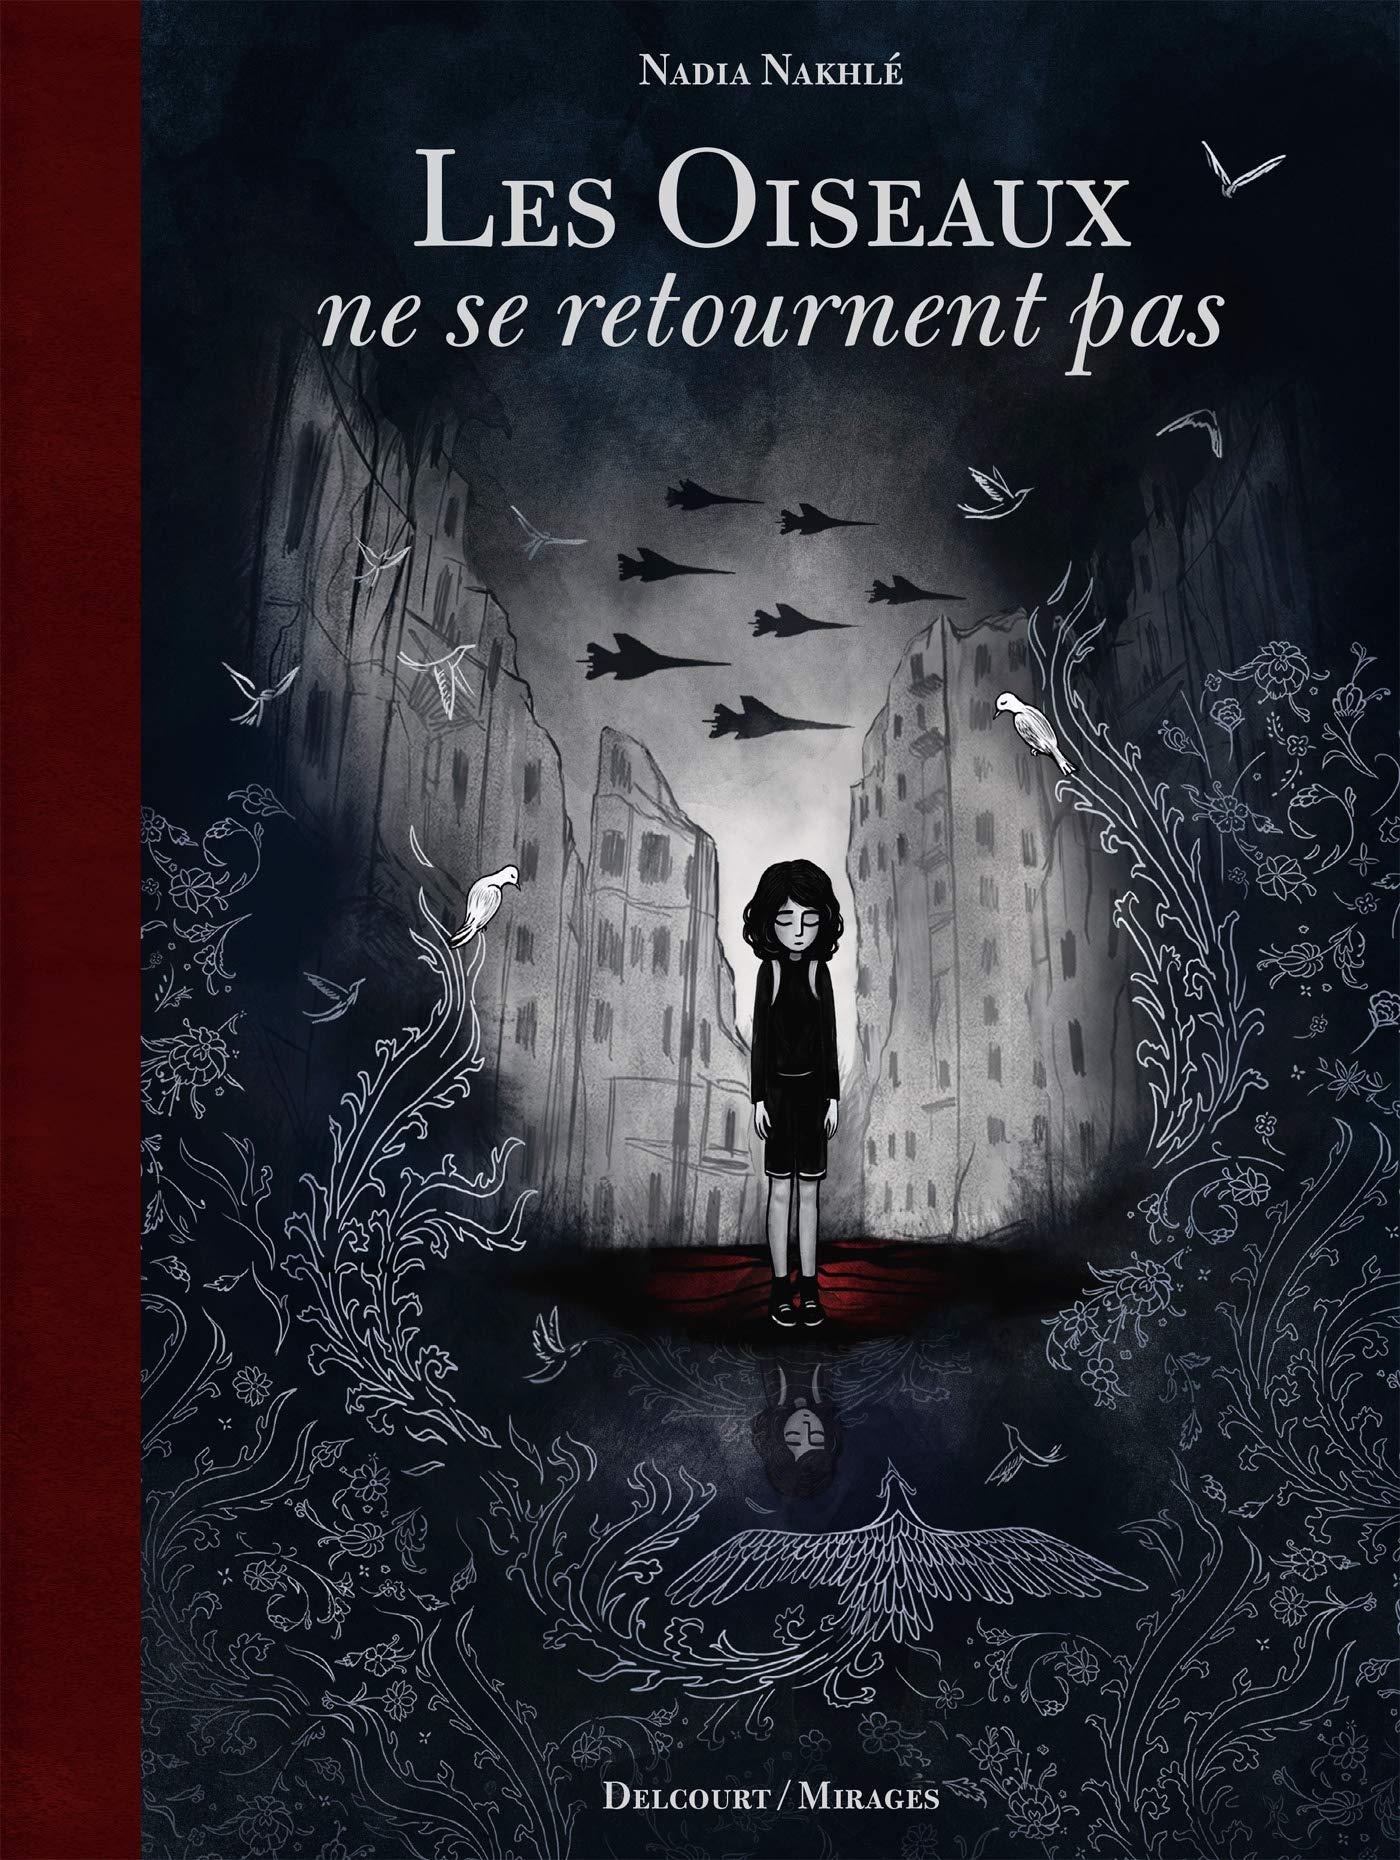 Amazon.fr - Les Oiseaux ne se retournent pas - Nakhle, Nadia, Nakhle,  Nadia, Nakhle, Nadia - Livres